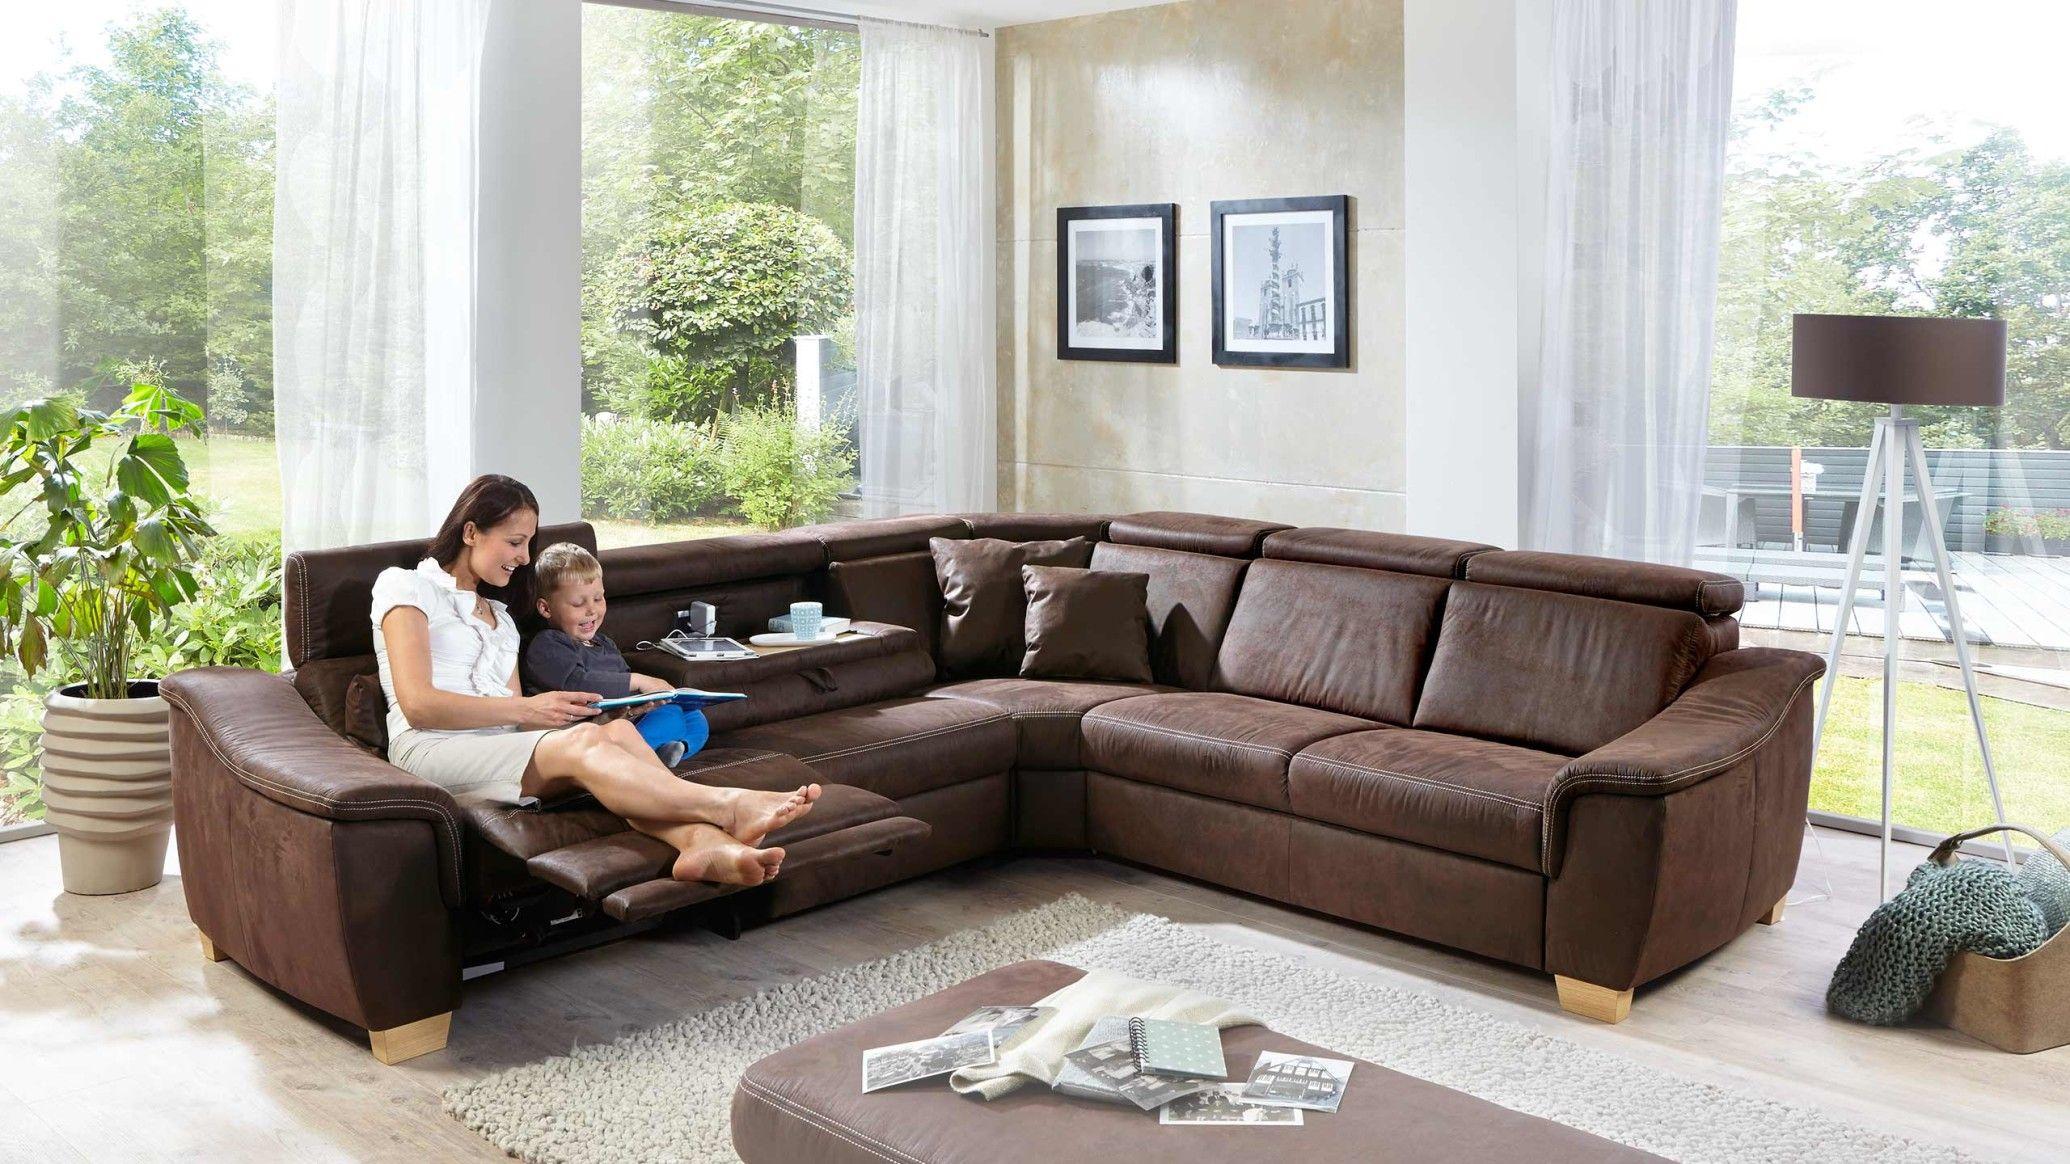 produkte - Fantastisch Wunderbare Dekoration 14 Sofa Aus Leder Das Symbol Von Eleganz Und Luxus